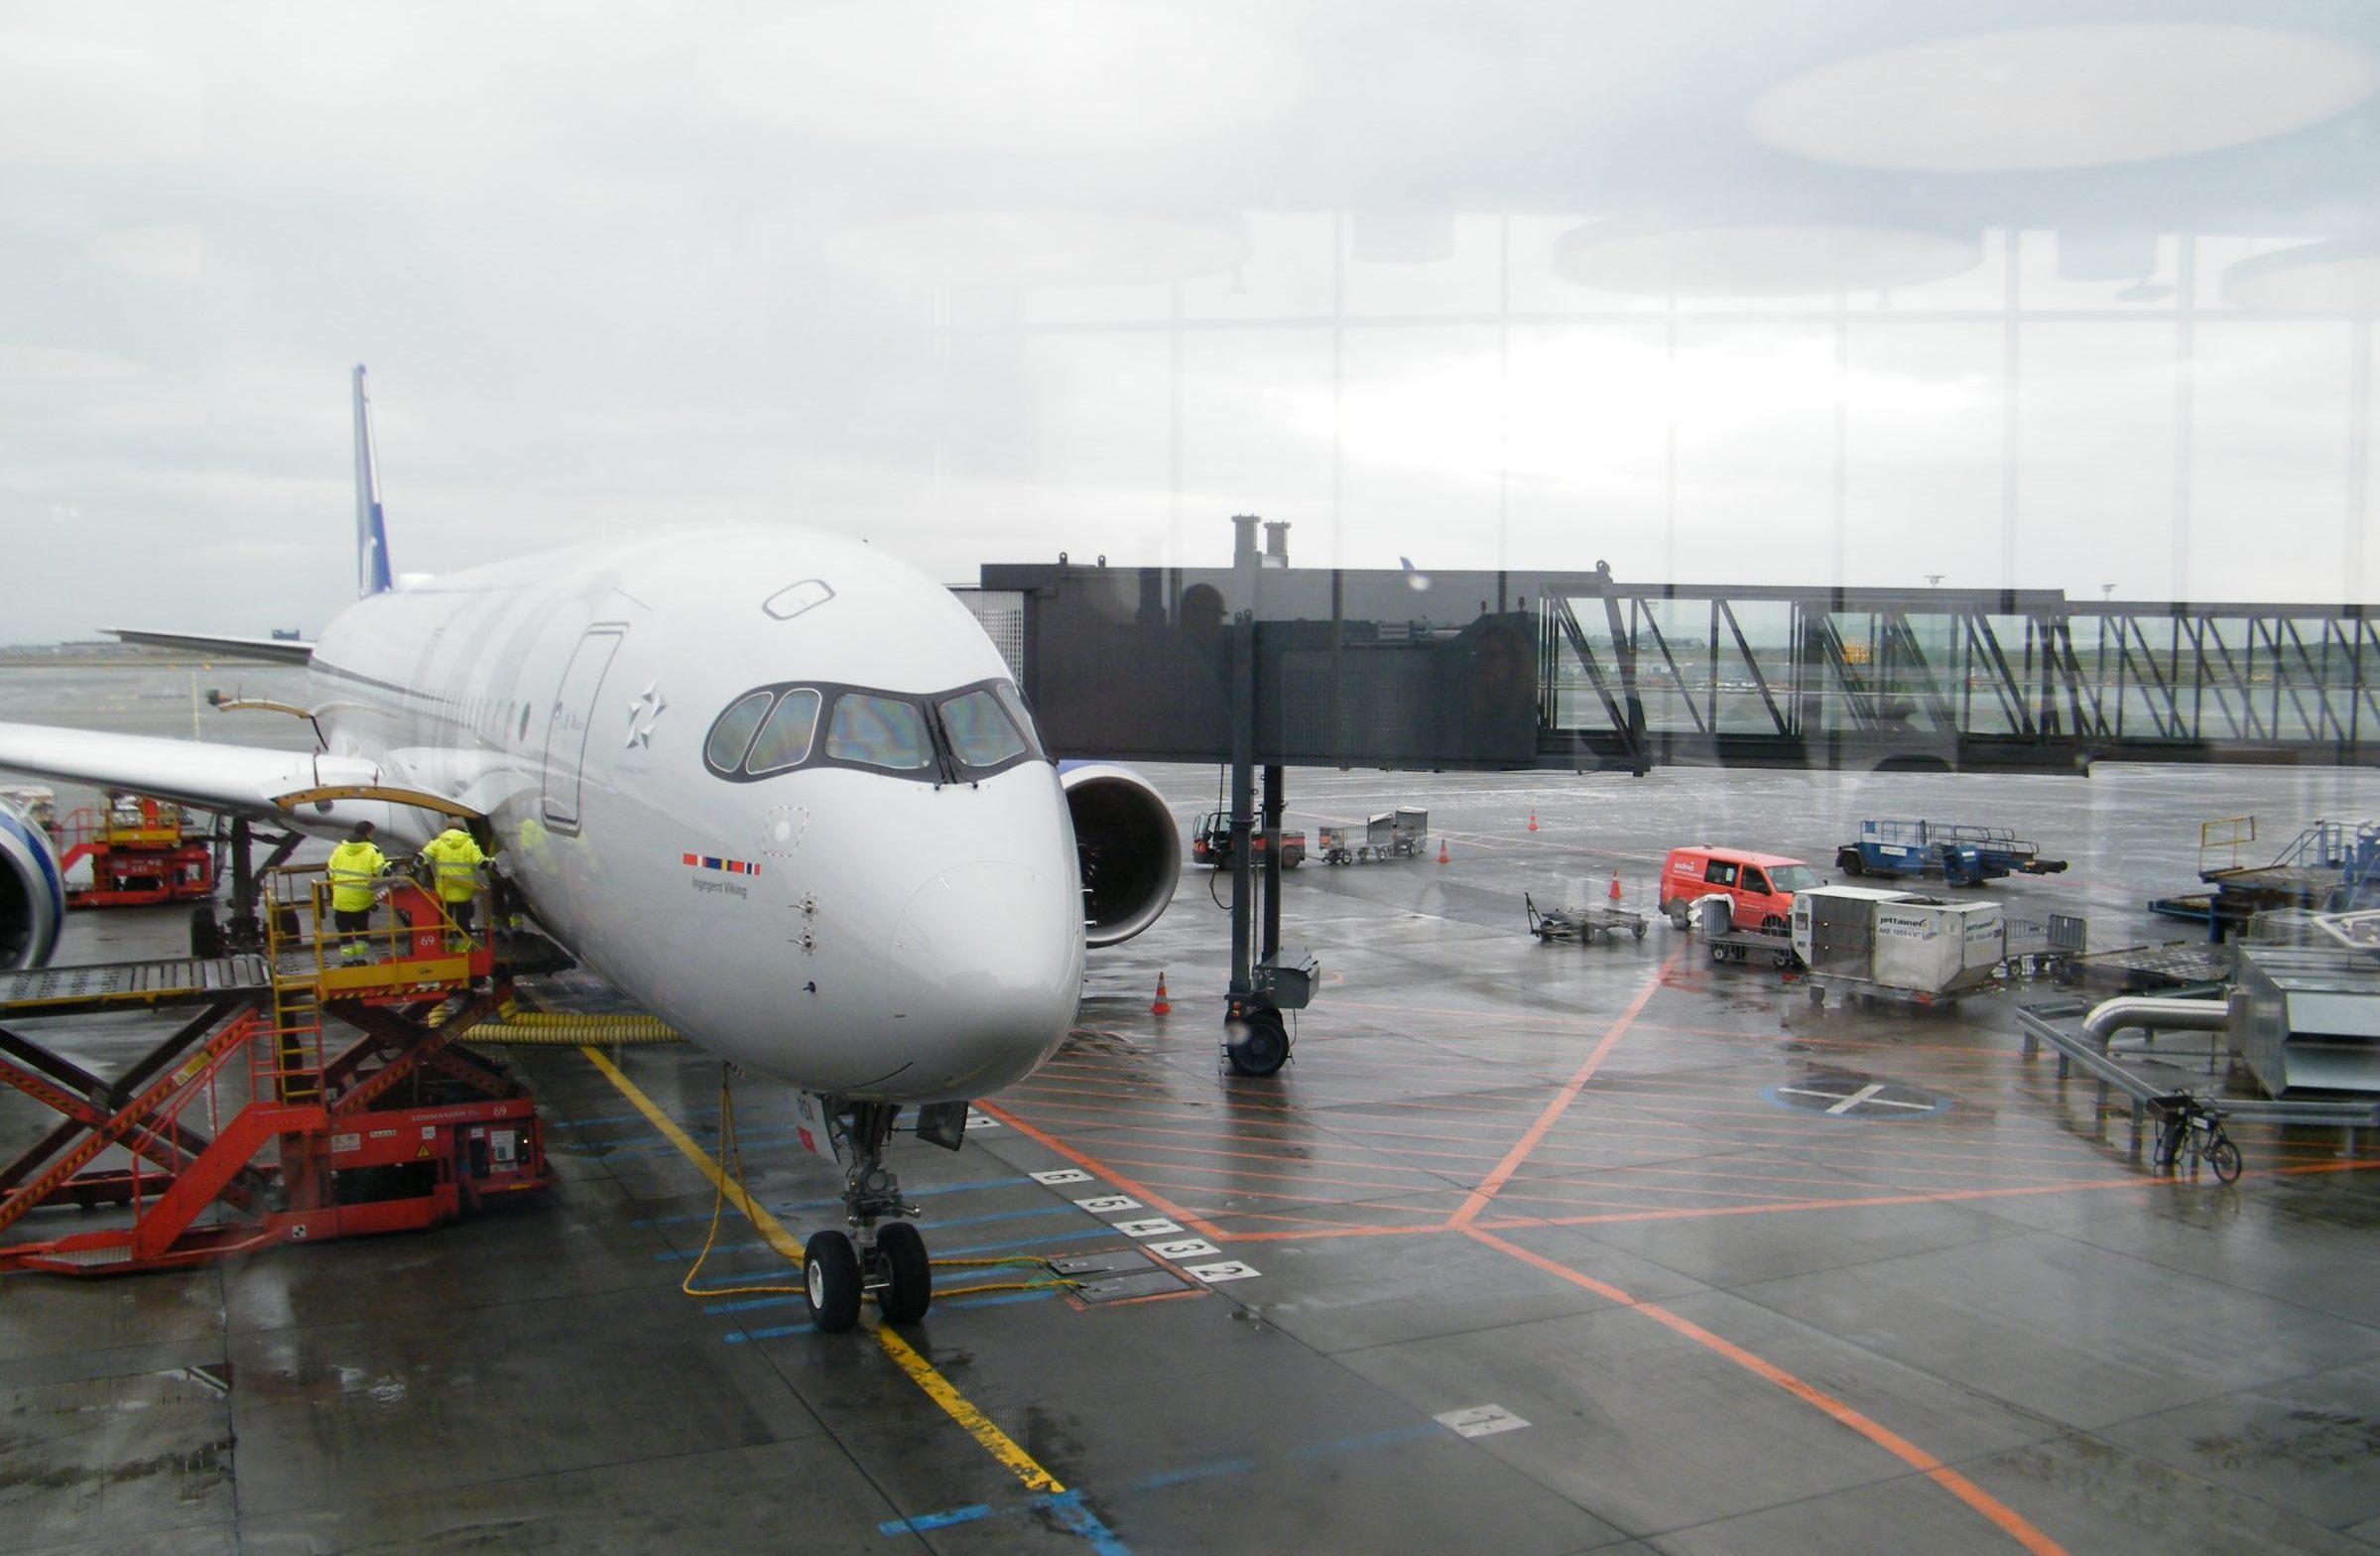 SAS' første Airbus A350 står klar i den nye SAS-bemaling til afgang i Københavns Lufthavn og premiereflyvningen til Chicago. Flyet hedder Ingegerd Viking – opkaldt efter en svensk vikingeprinsesse, Ingegerd Olofsdotter, der levede for knap 1000 år siden. Foto: Henrik Baumgarten.